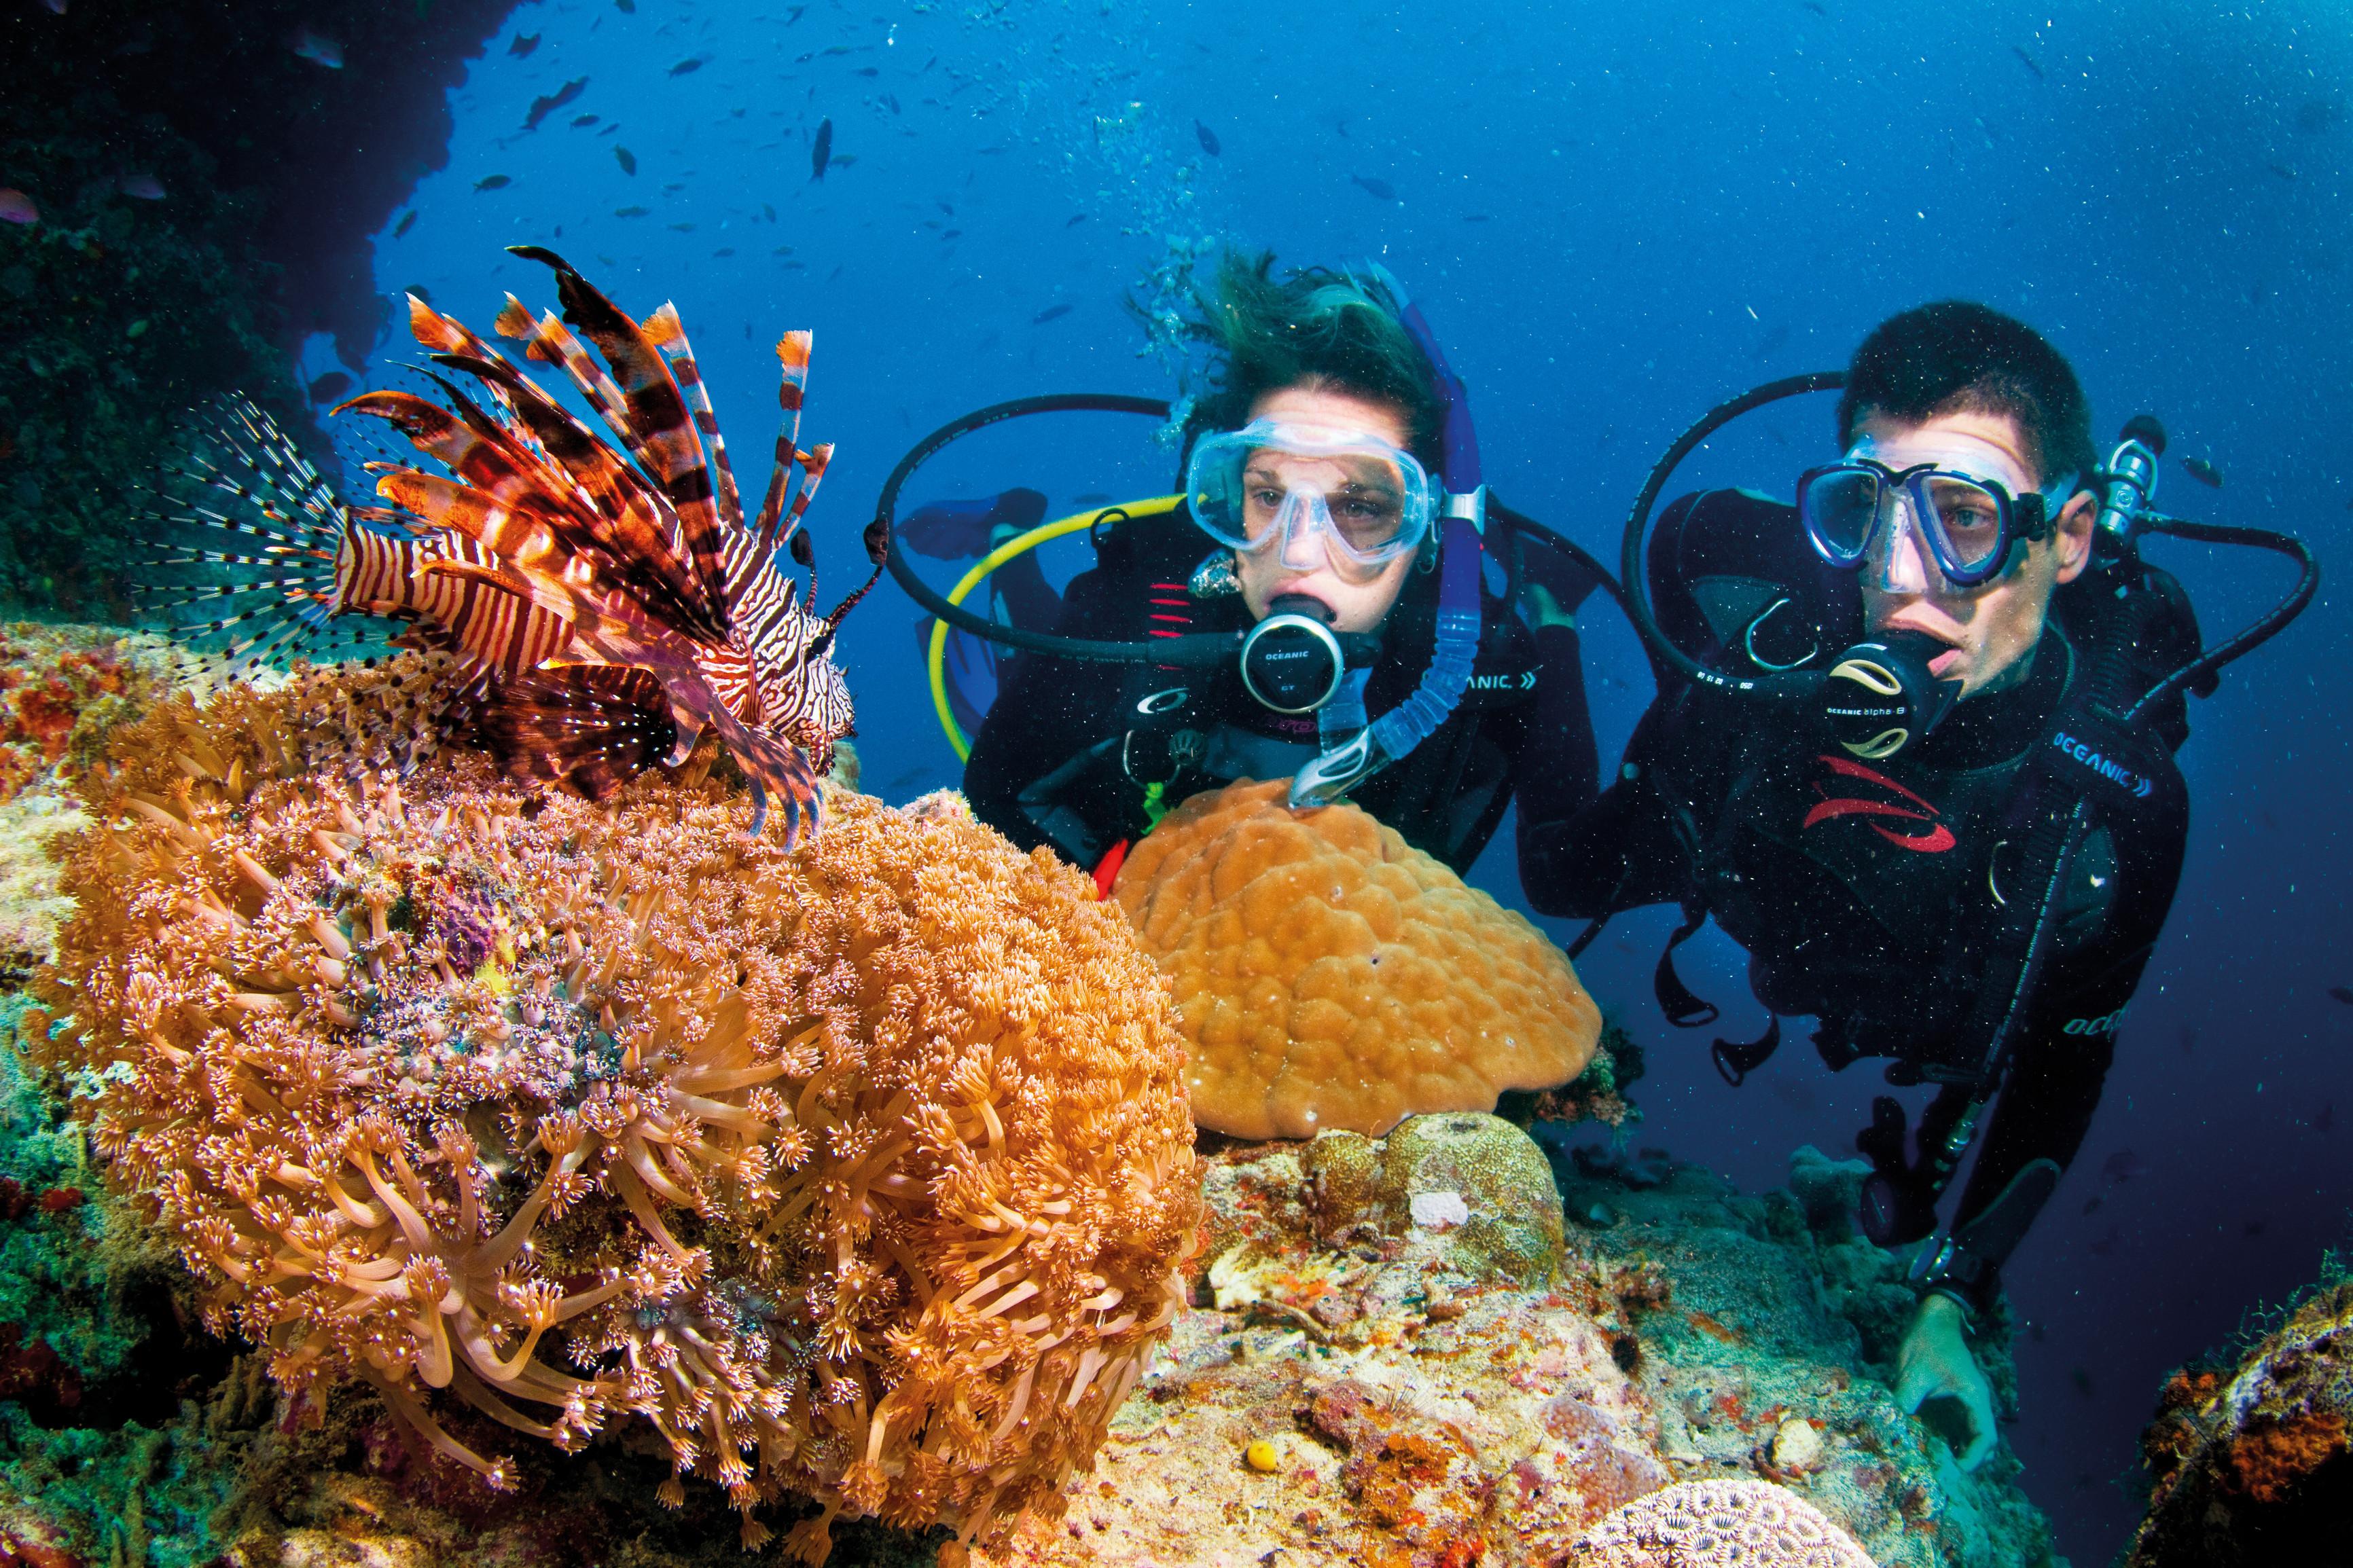 Coral reef Cu Lao Cham_source: vietmate.com.vn